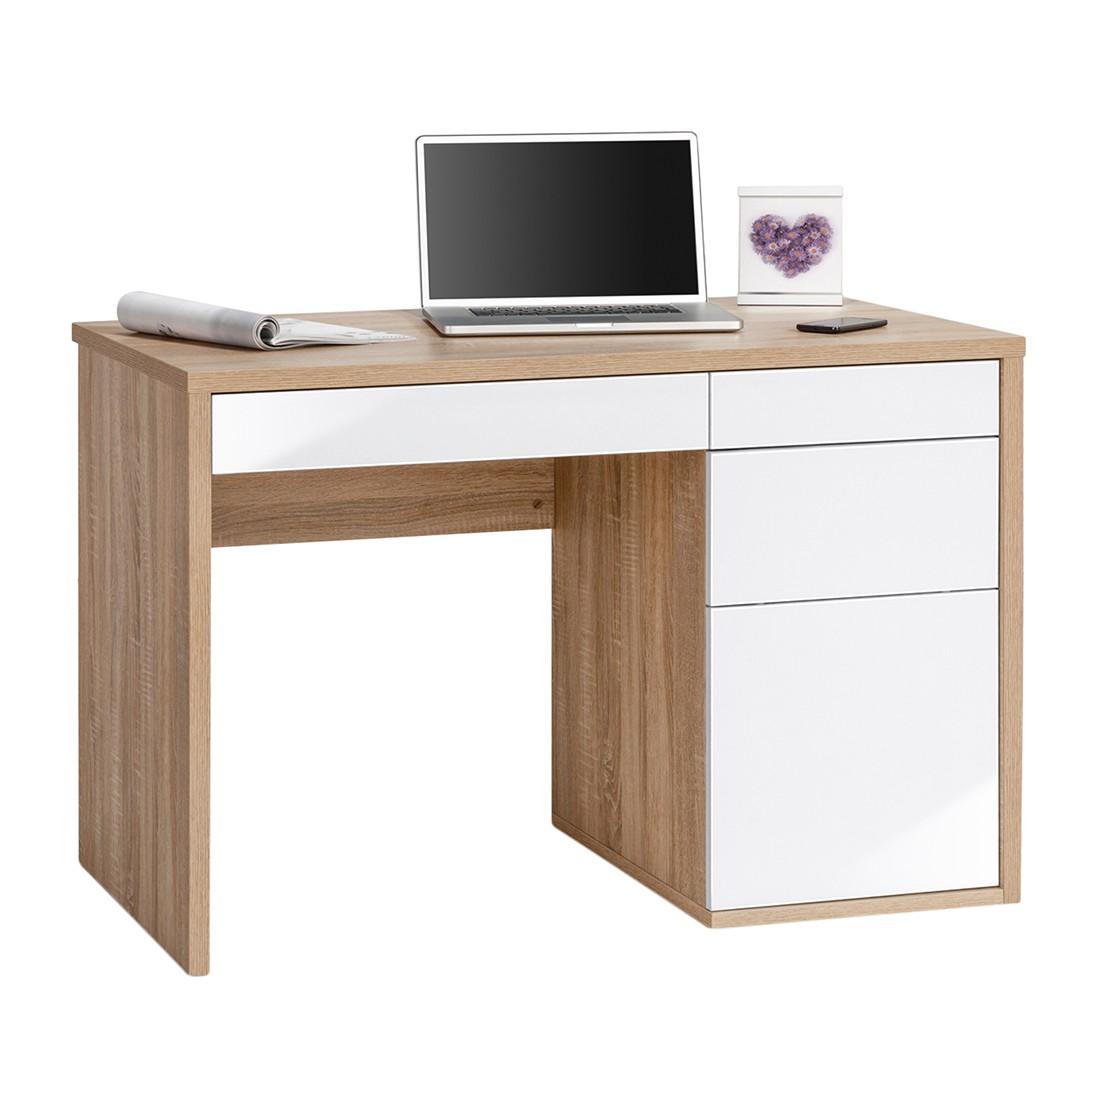 eiche sonoma tischplatte preis vergleich 2016. Black Bedroom Furniture Sets. Home Design Ideas